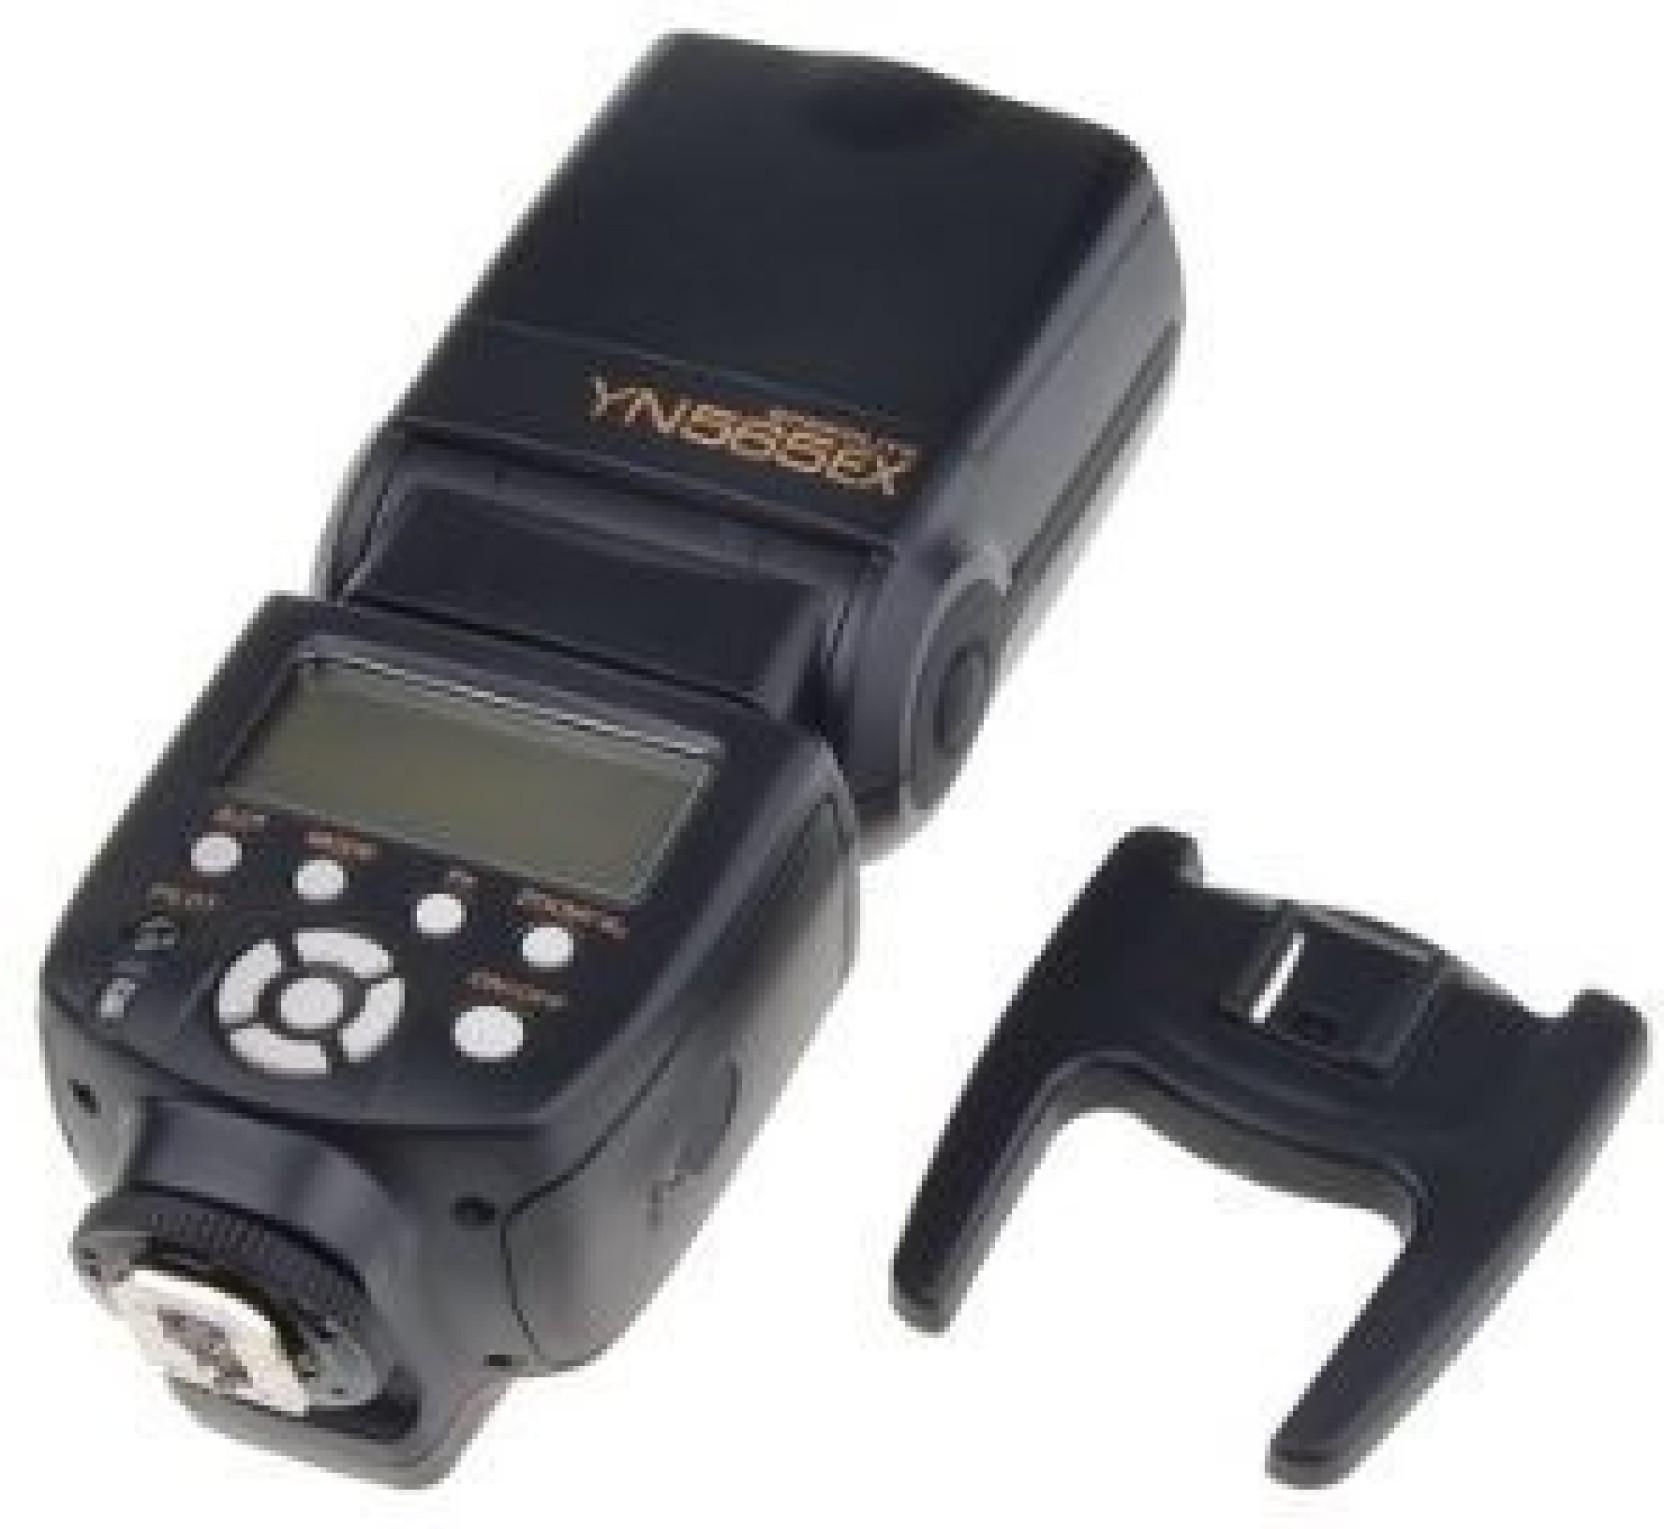 Yongnuo Yn 565ex Ettl Speedlite Flash For Nikon Ii Ttl Lcd Canon Share